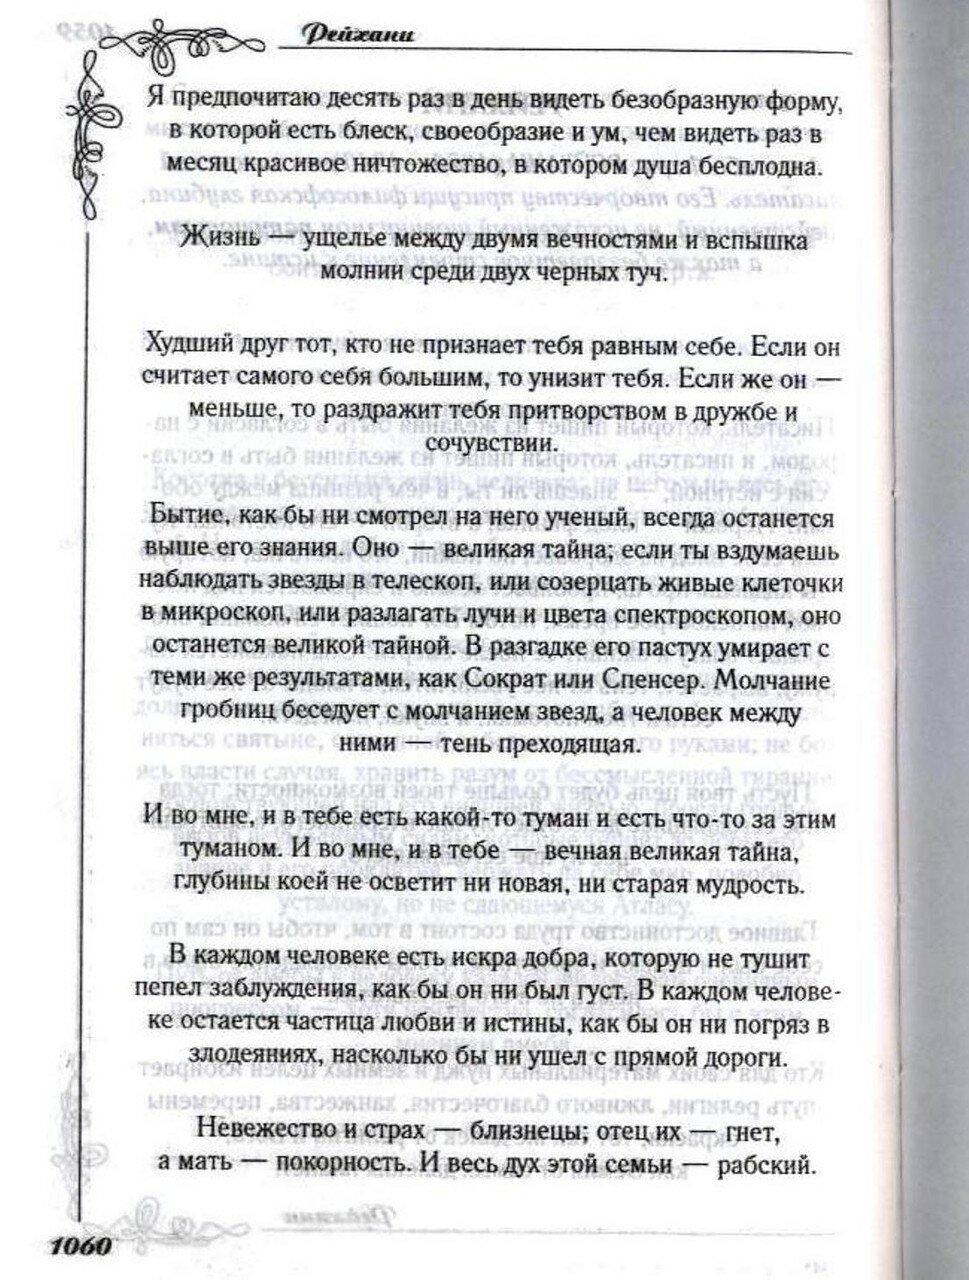 Рейхани 02(Афоризмы).jpg